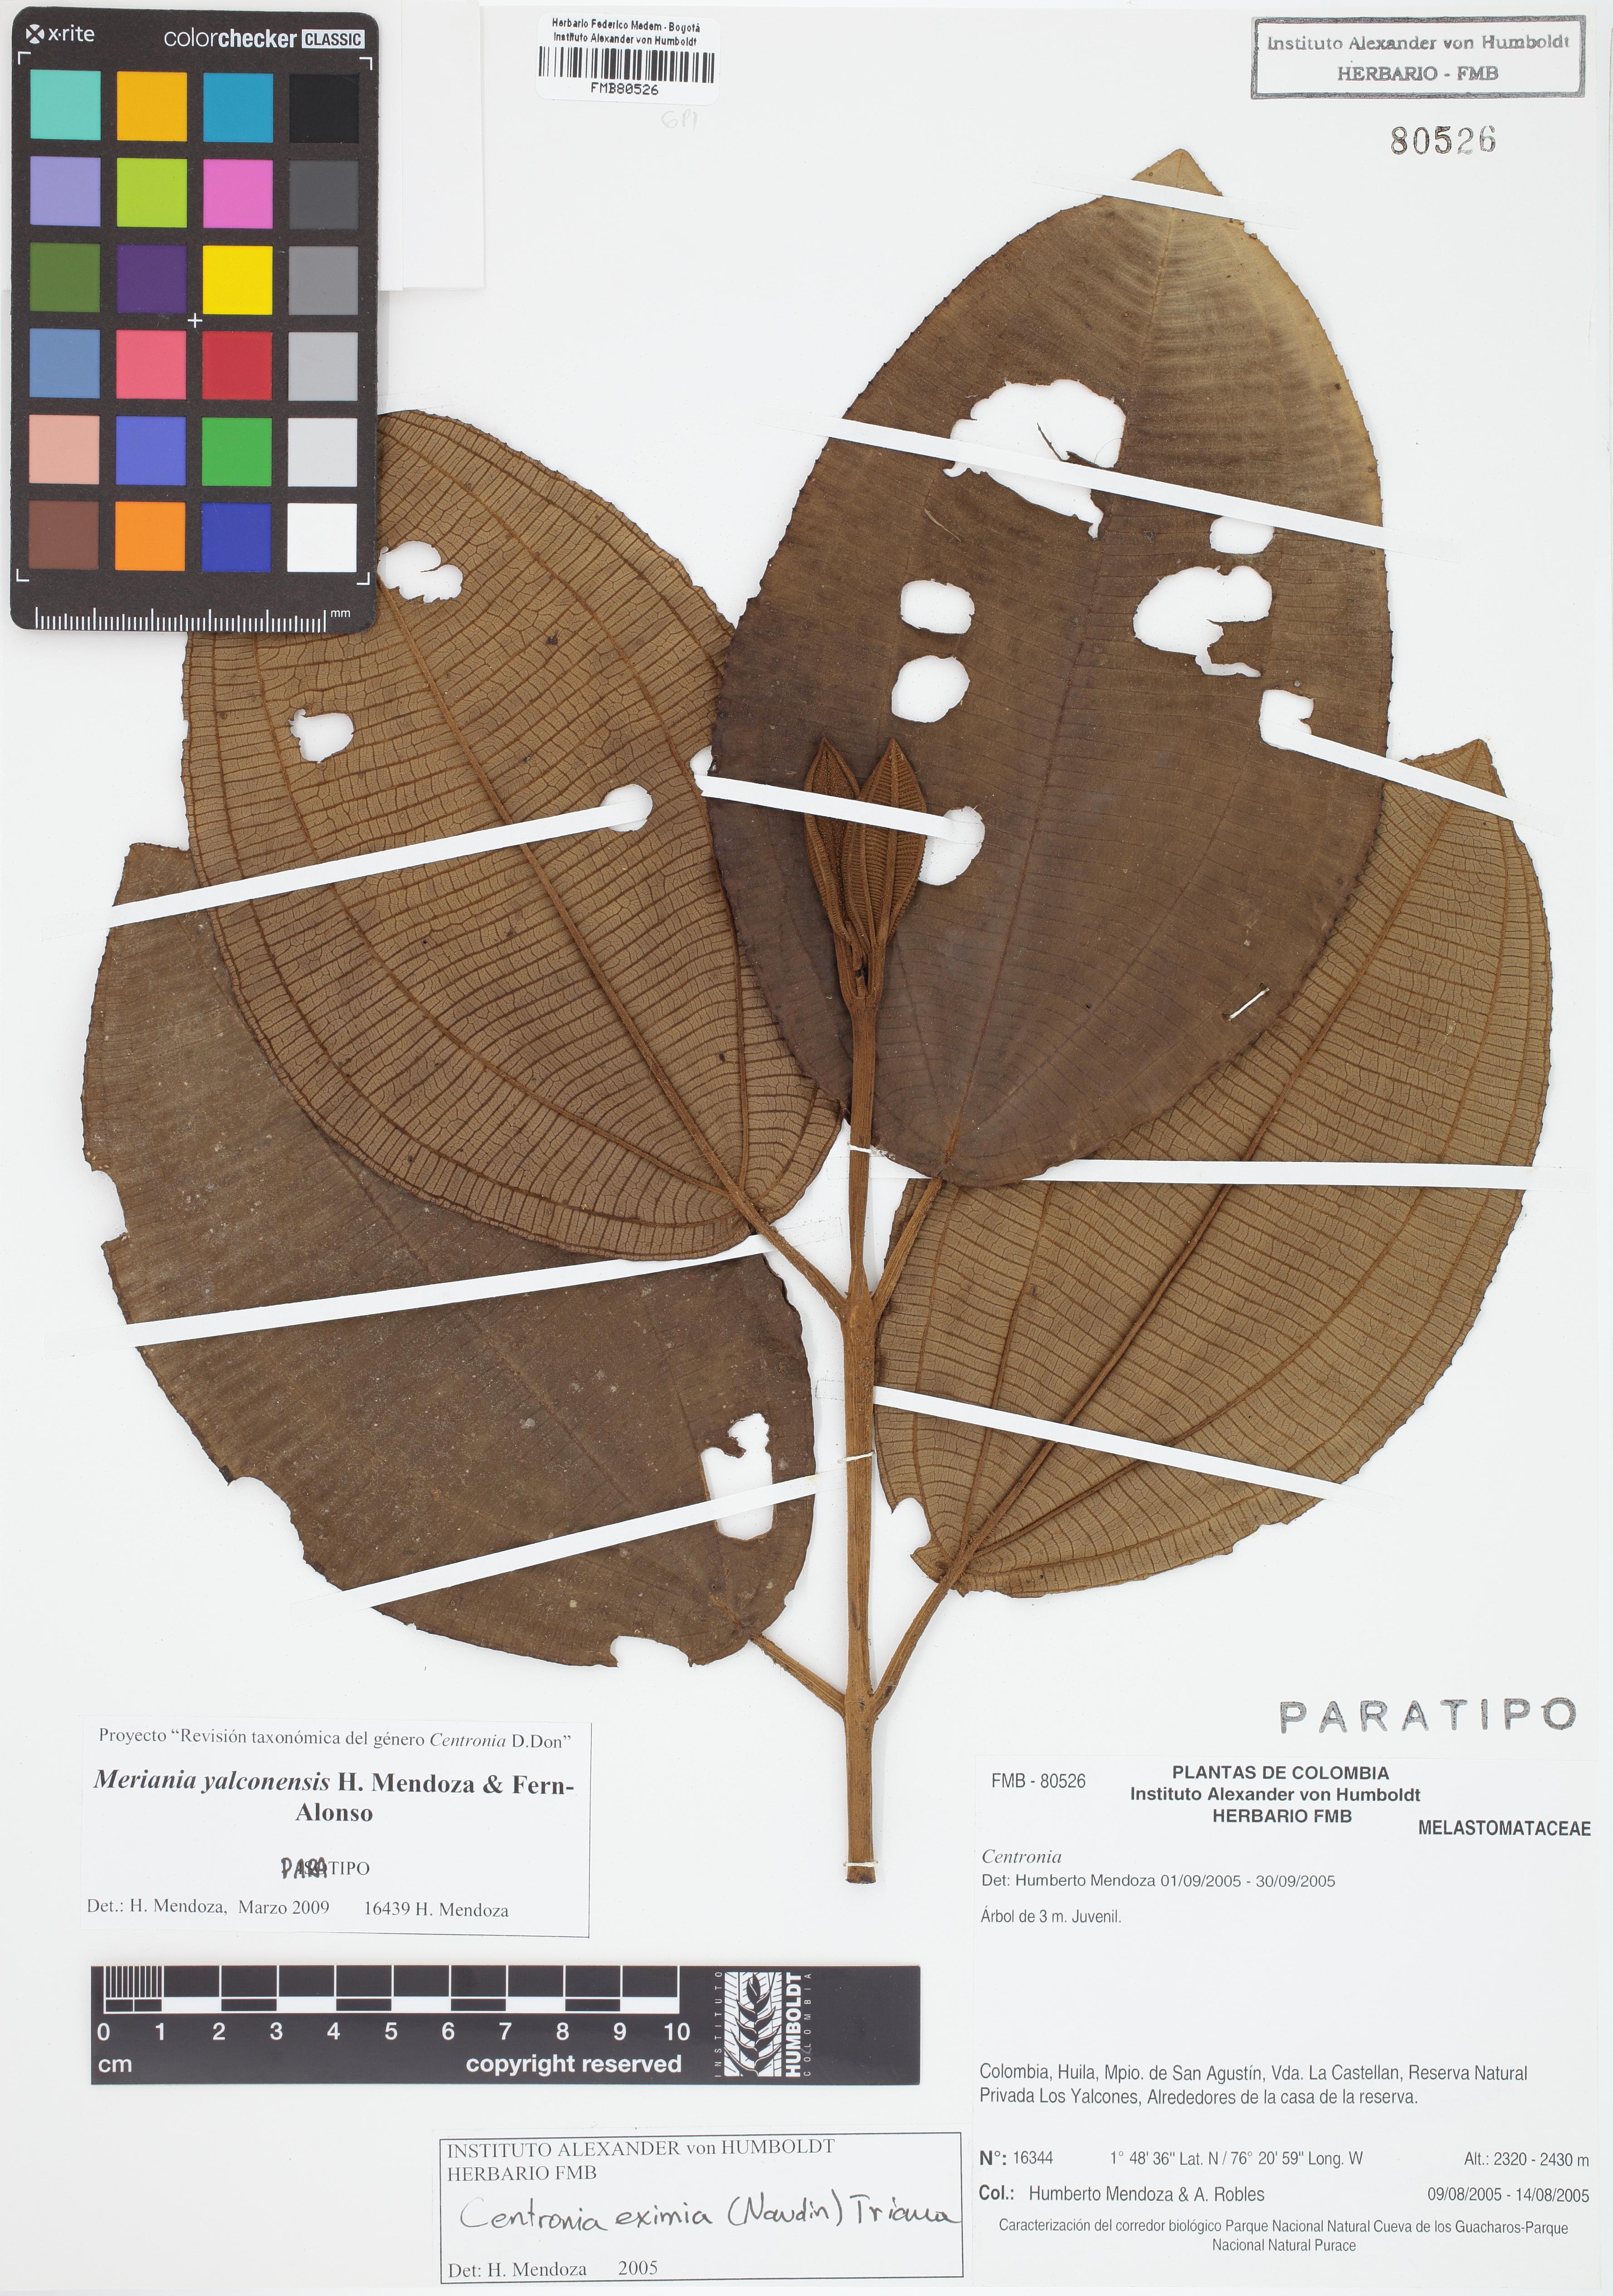 Paratipo de <em>Meriania yalconensis</em>, FMB-80526, Fotografía por Robles A.